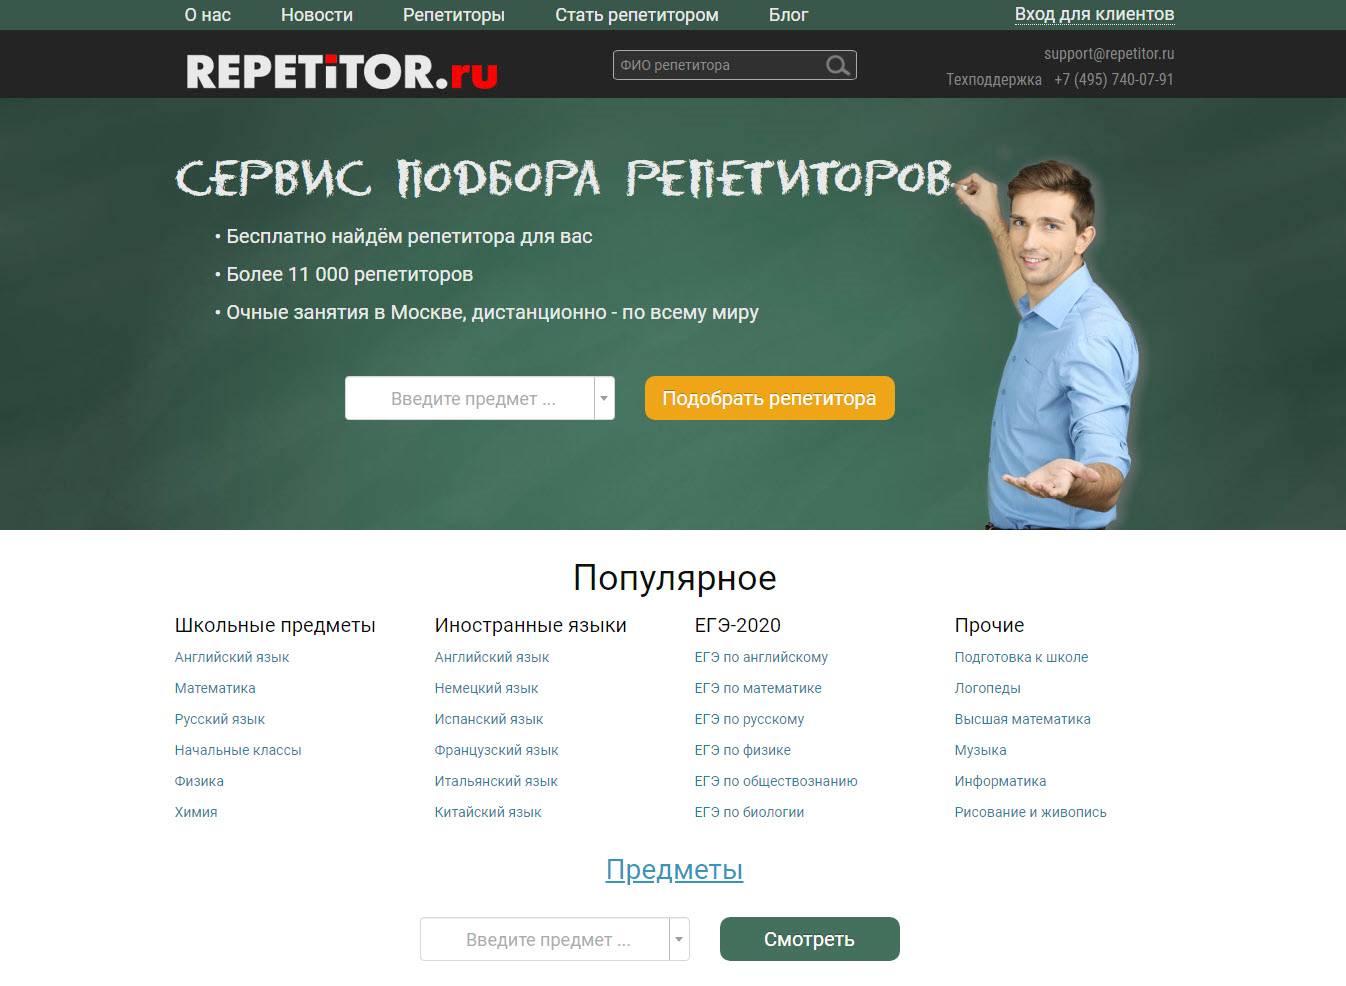 Компания Репетитор.ру запустила программу «Репетитор и налоги»